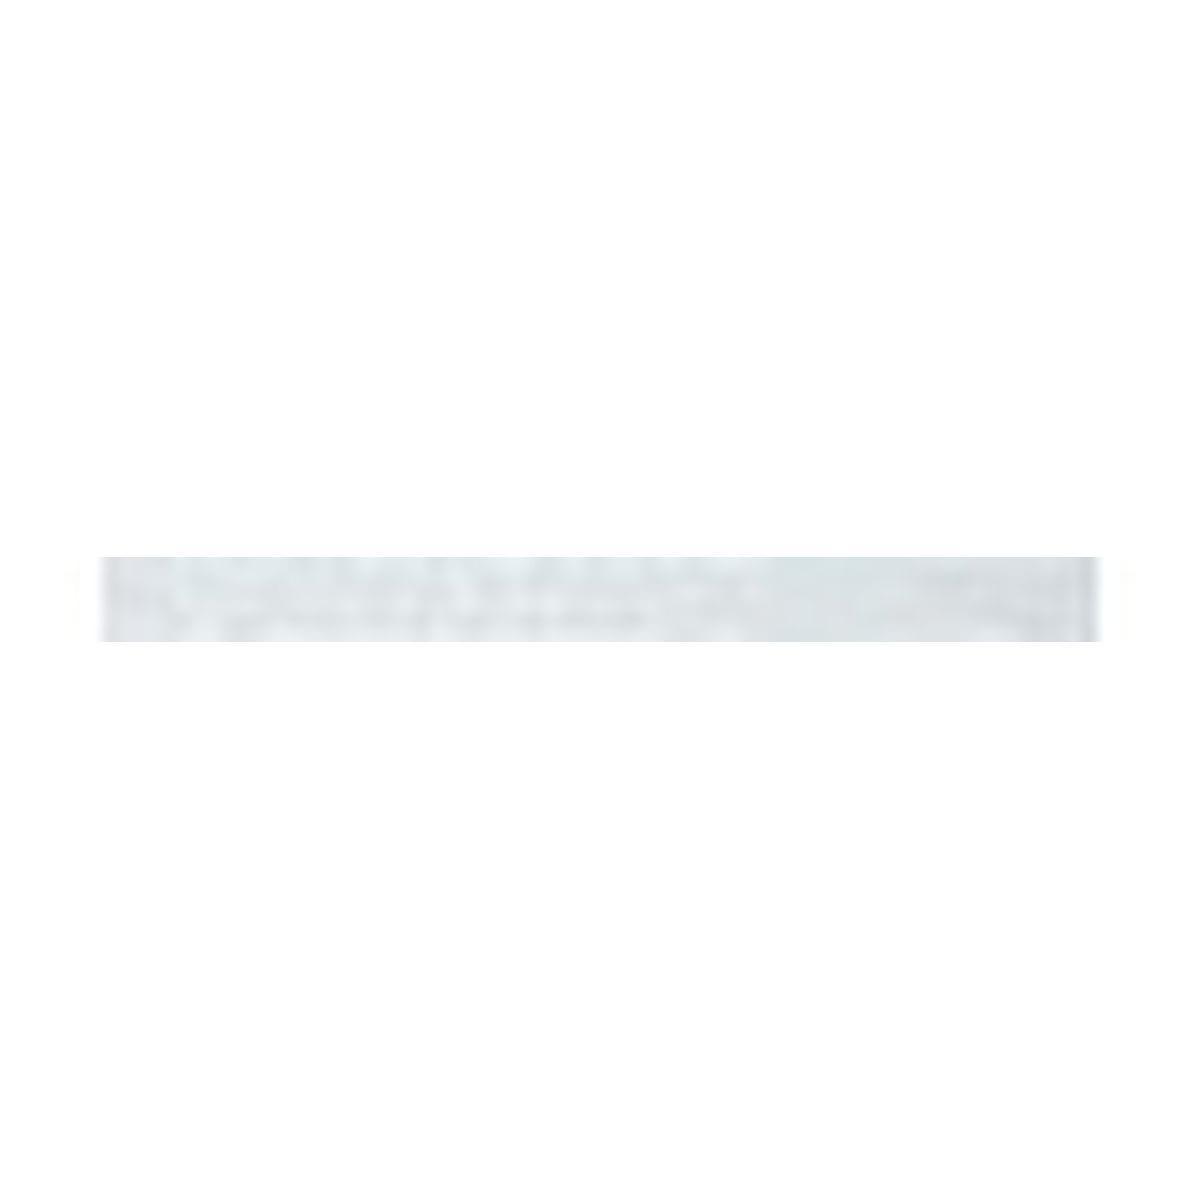 Дверная коробка Перекладина D.Craft 800 Белая